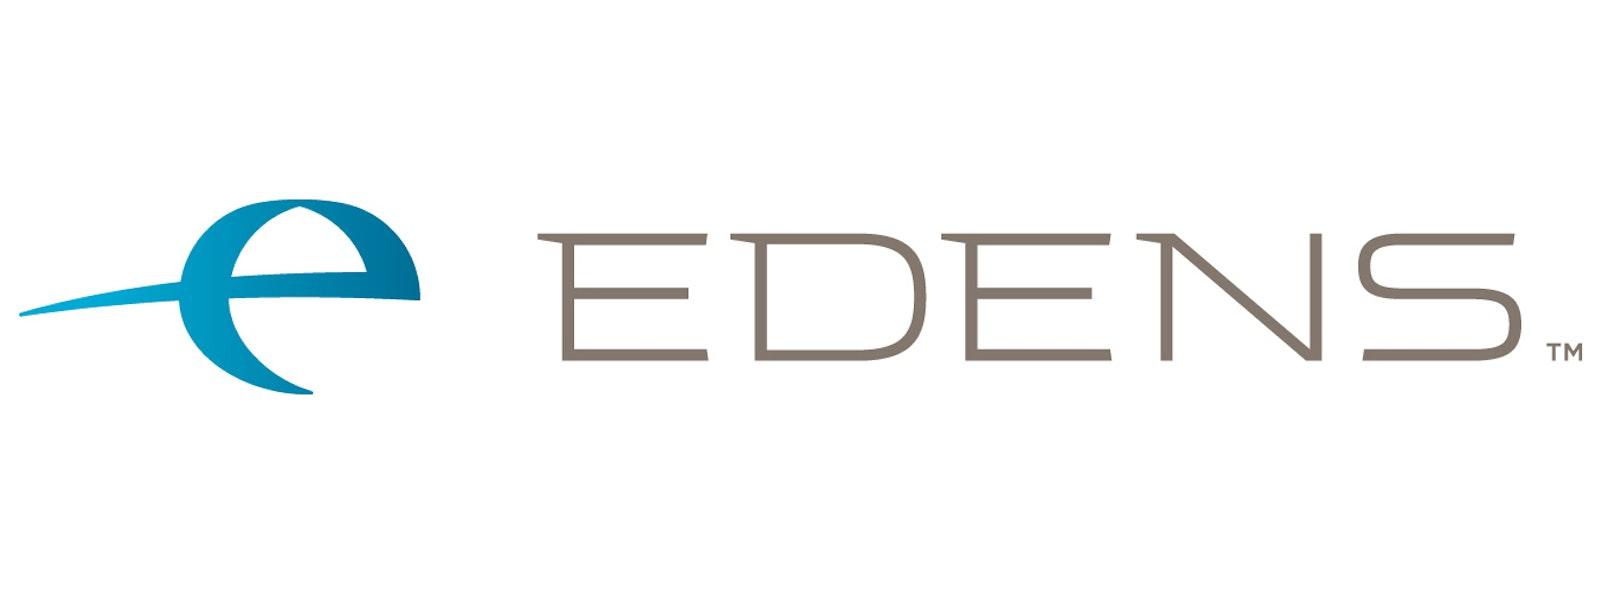 Edins Camp2 logo main